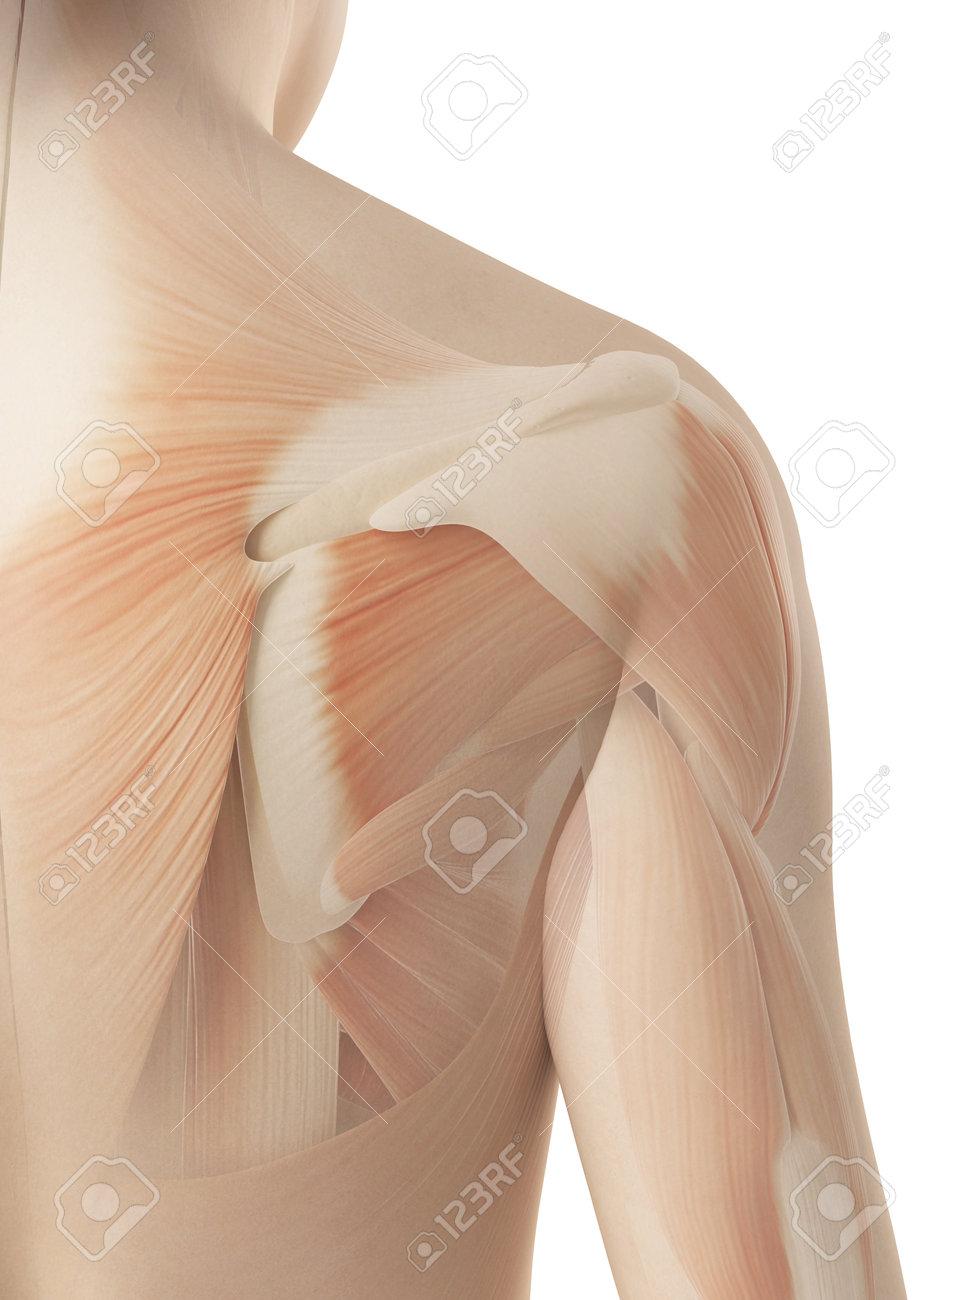 Weibliche Schulter - Anatomie Muskulös Lizenzfreie Fotos, Bilder Und ...